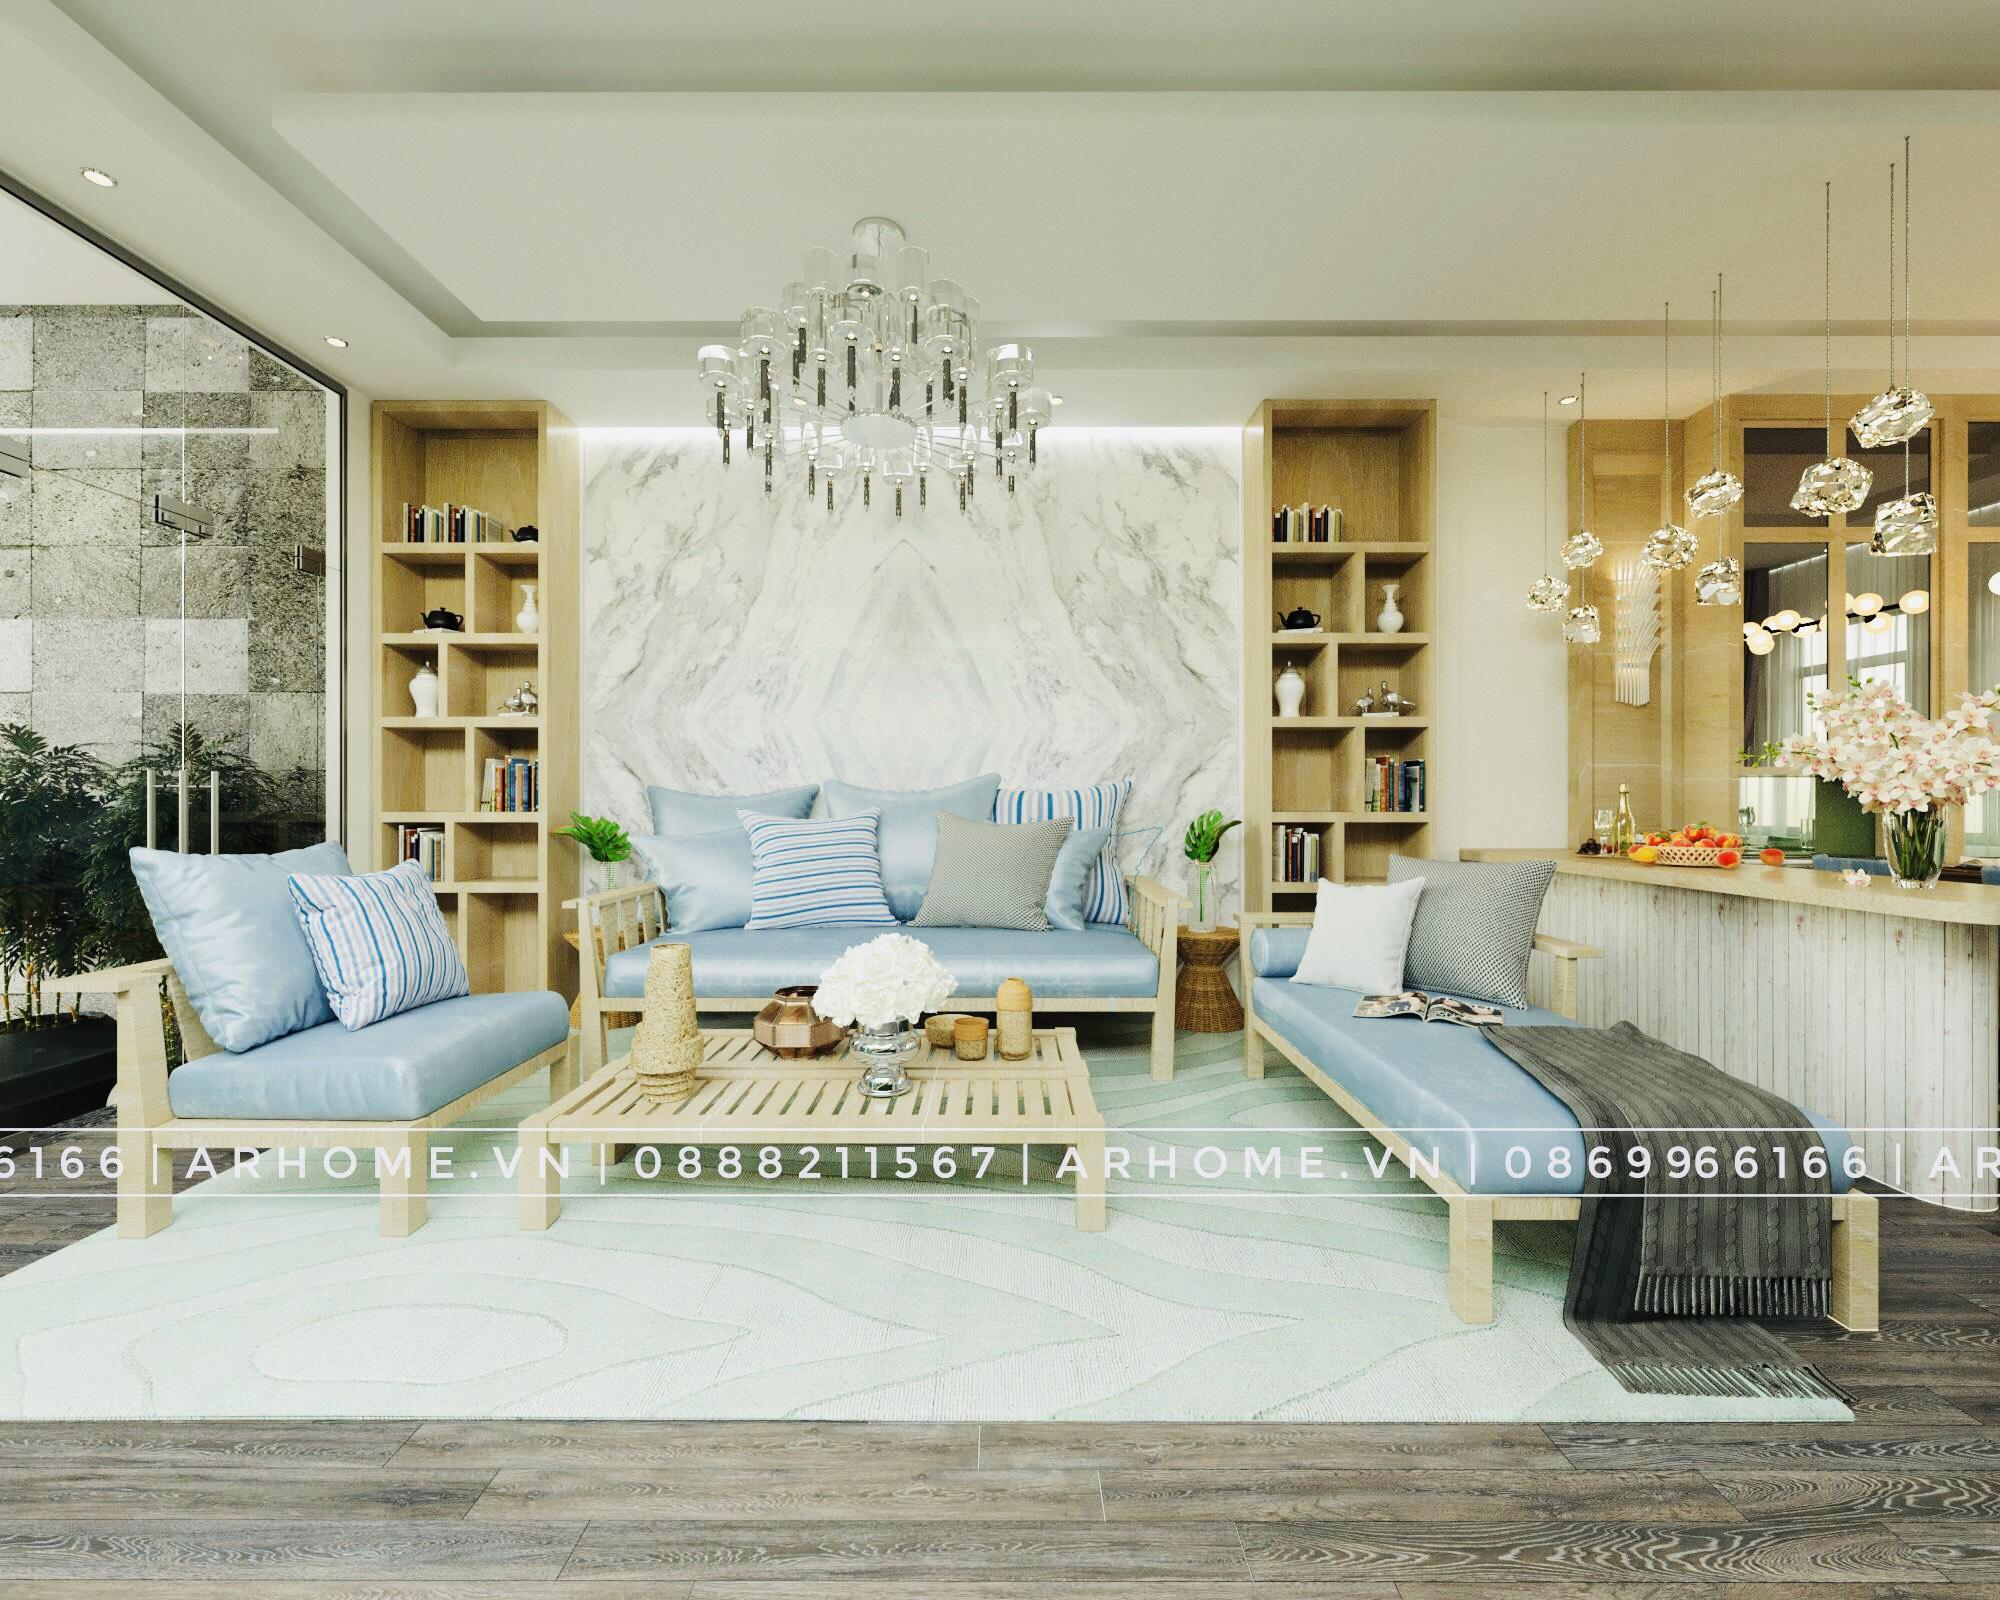 Cải tạo nhà phố cũ kỹ thành không gian tuyệt đẹp nhờ thiết kế nội thất mới